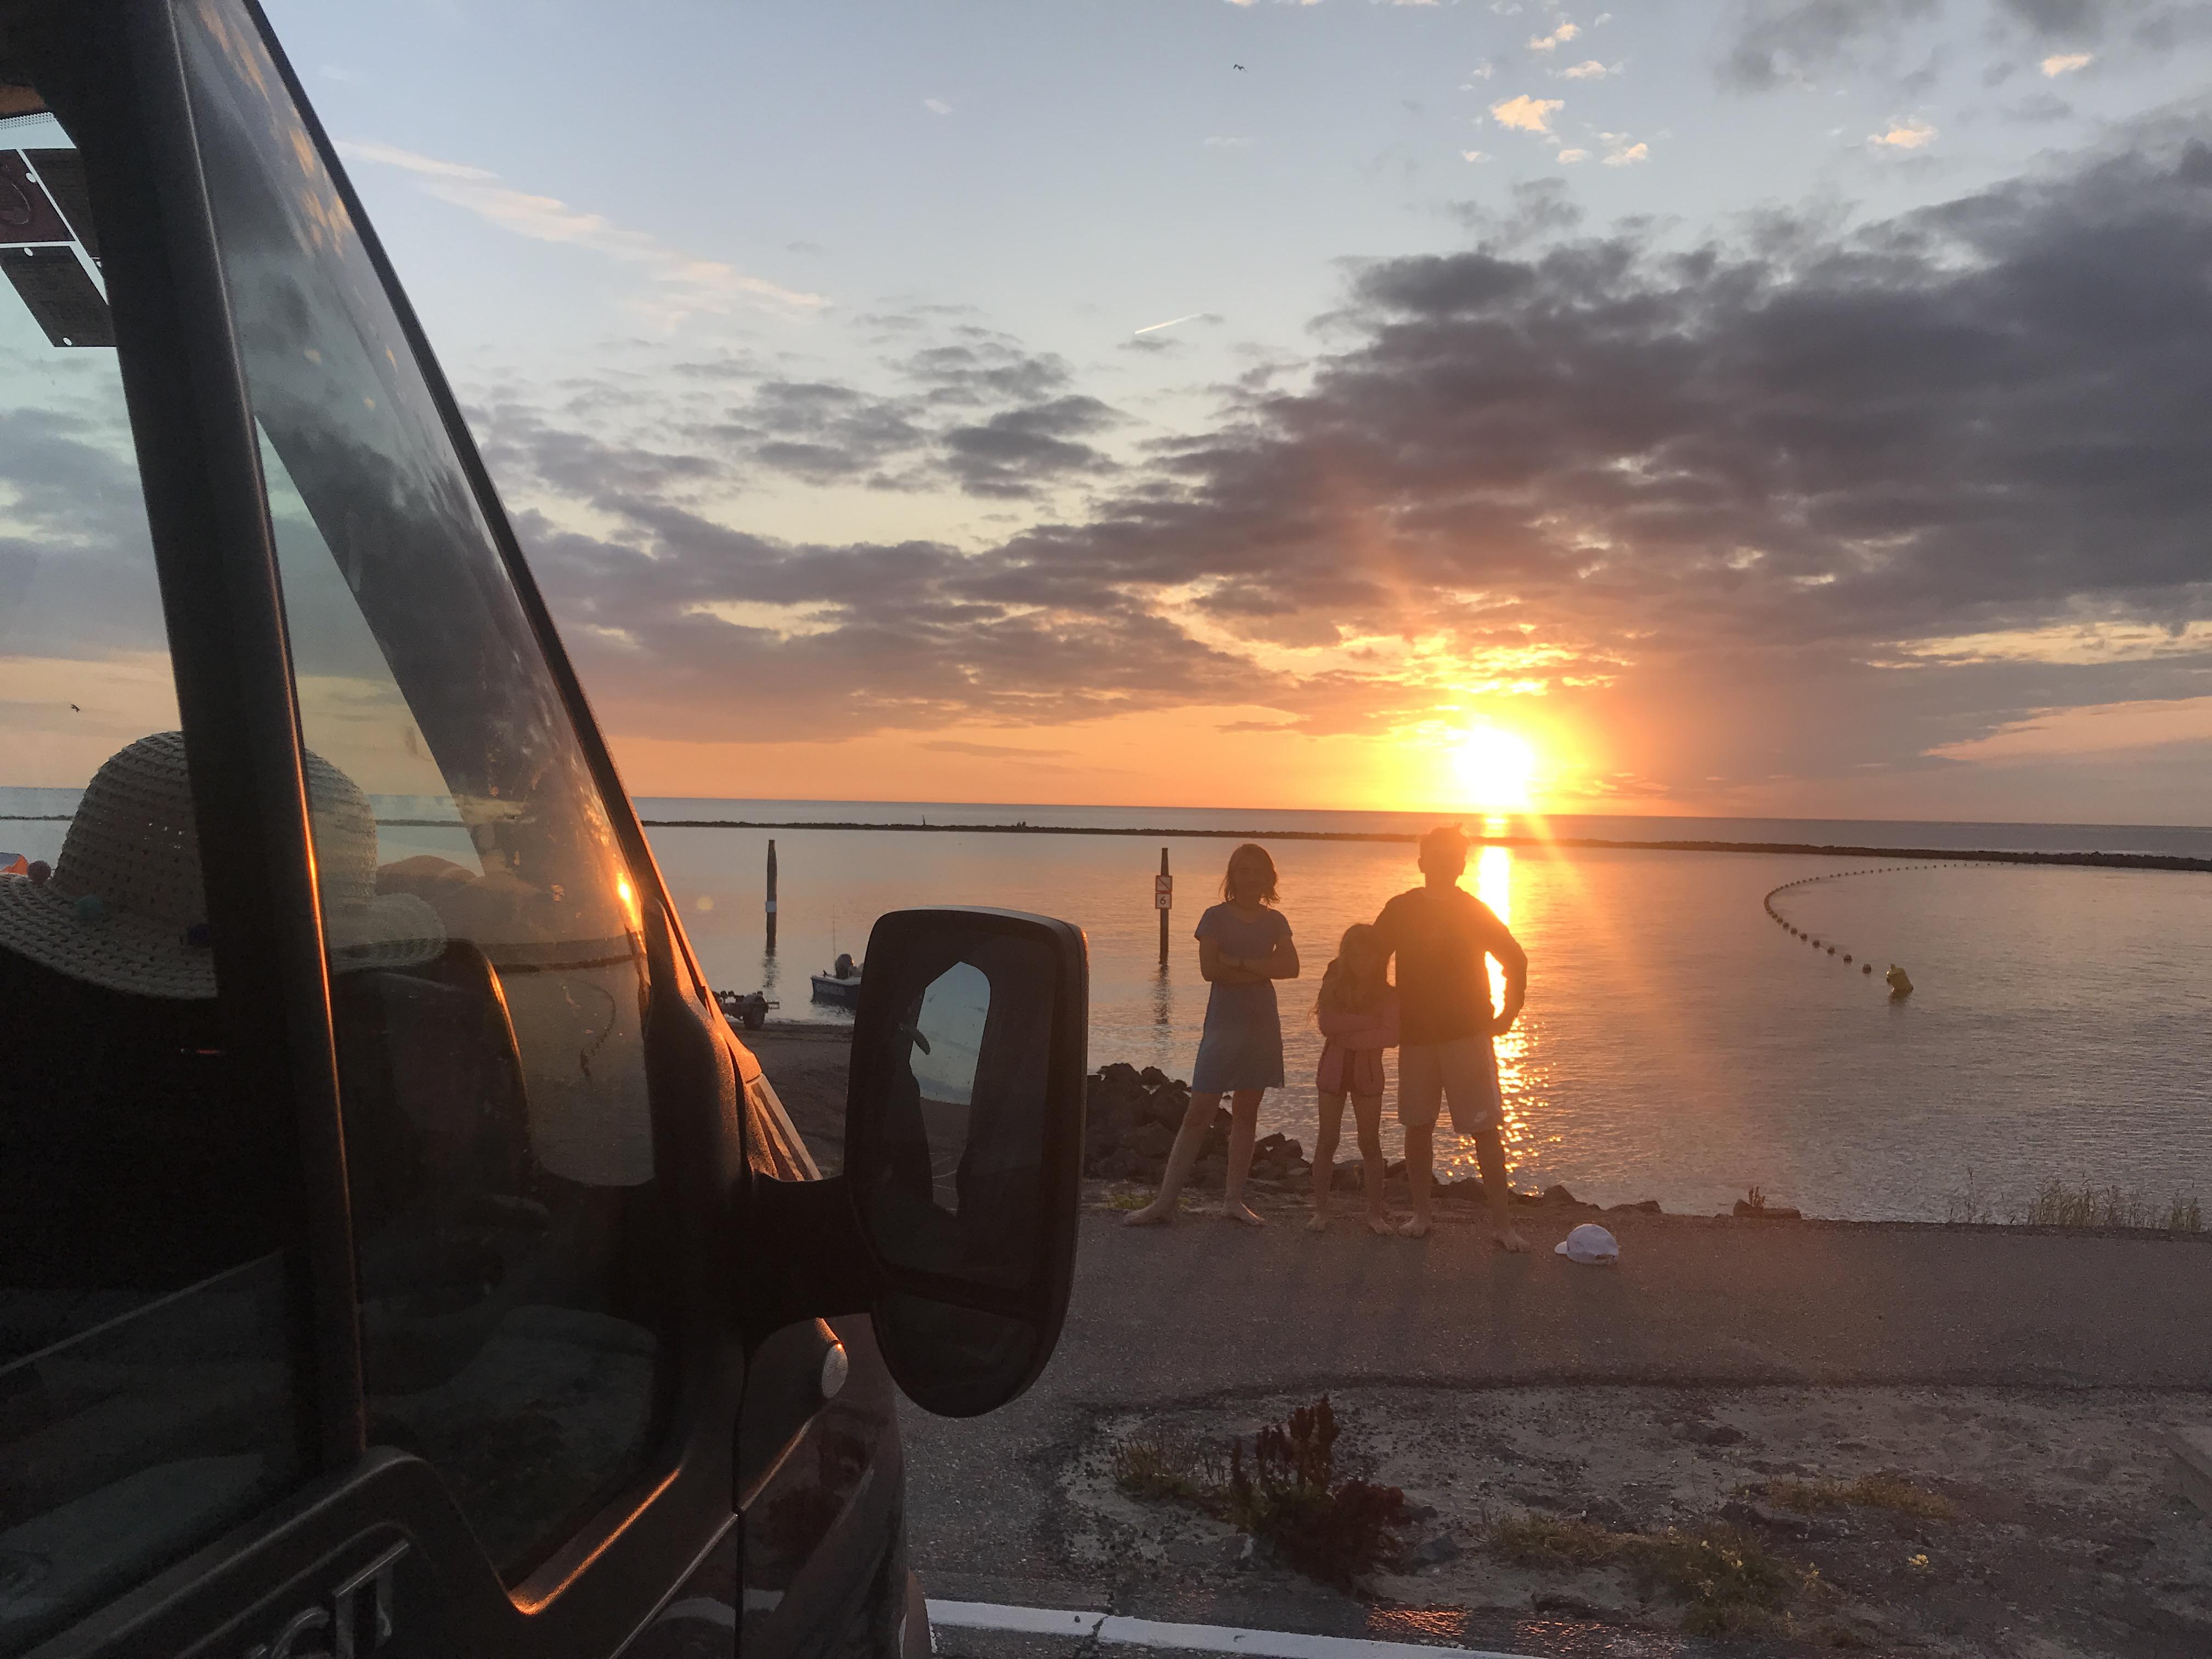 Sommerferien 2019. Sonnenuntergang mit Bus!